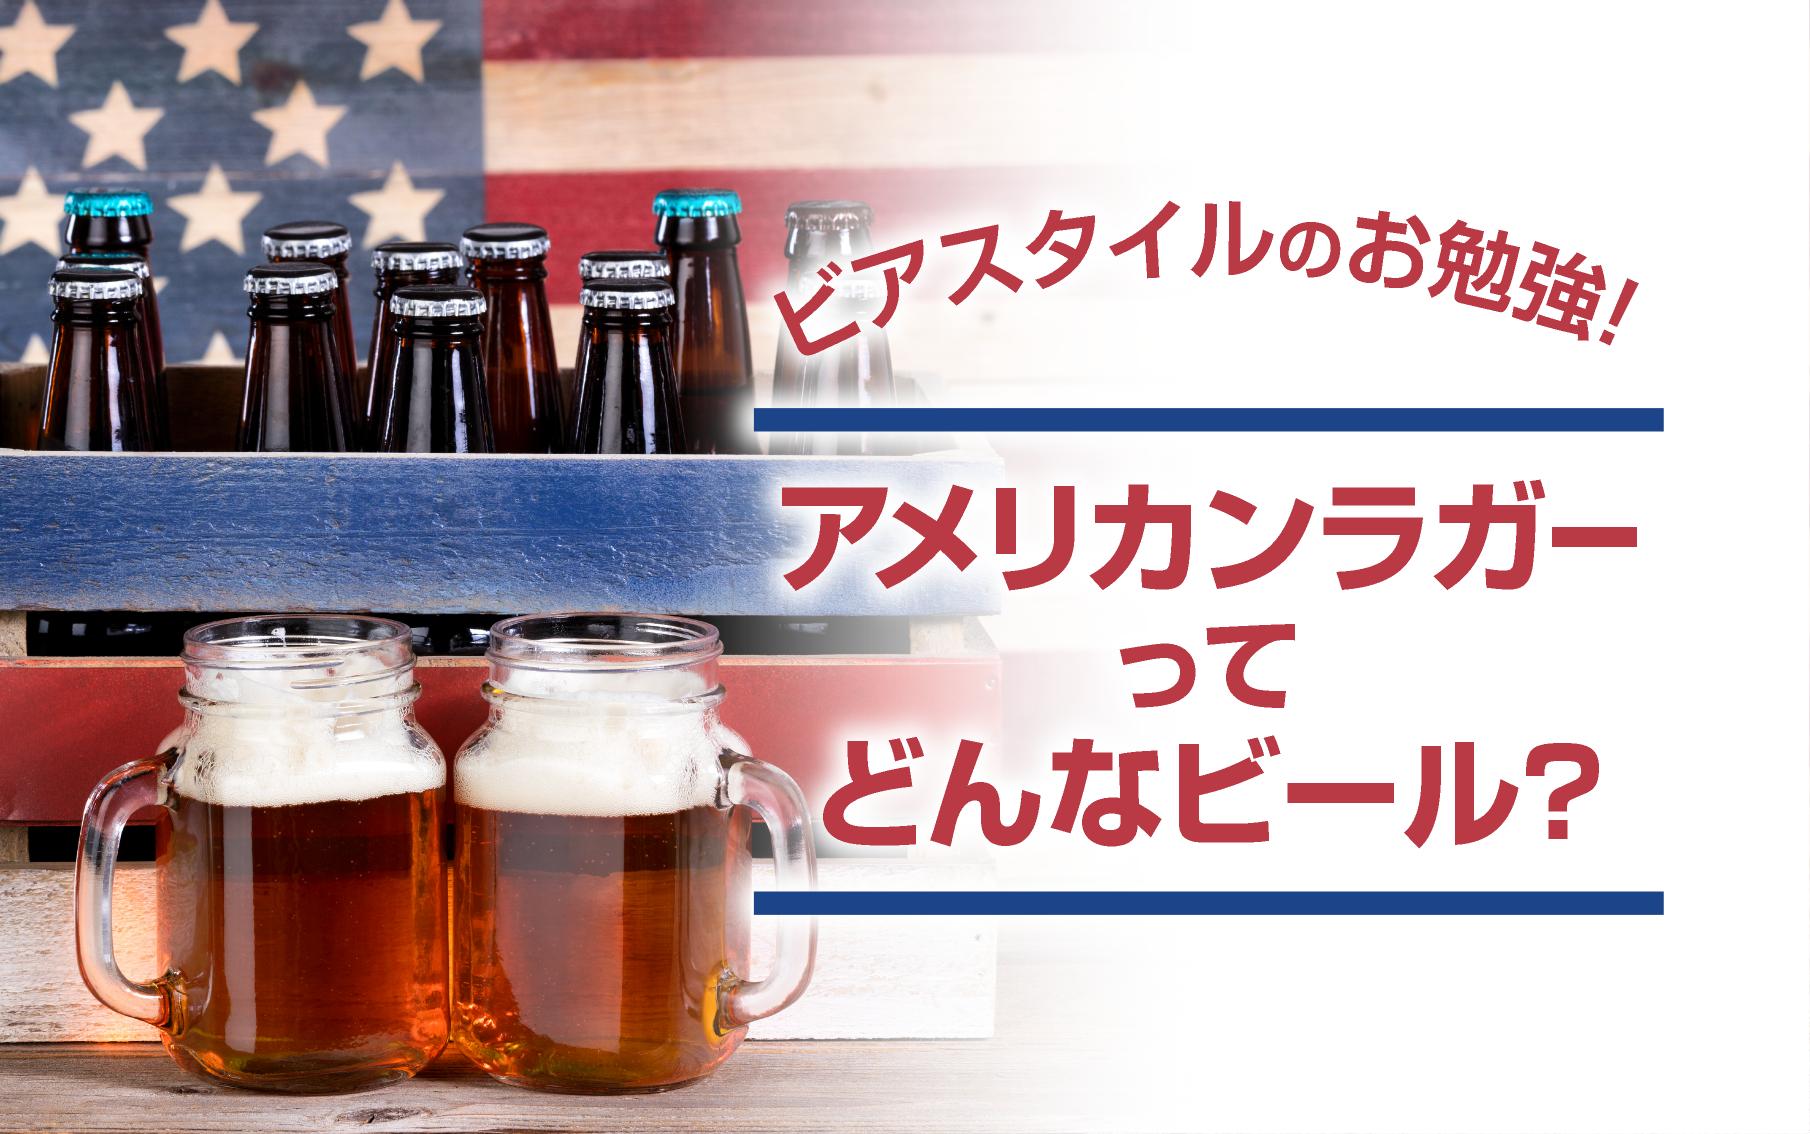 ビアスタイルのお勉強!アメリカンラガーってどんなビール?の話